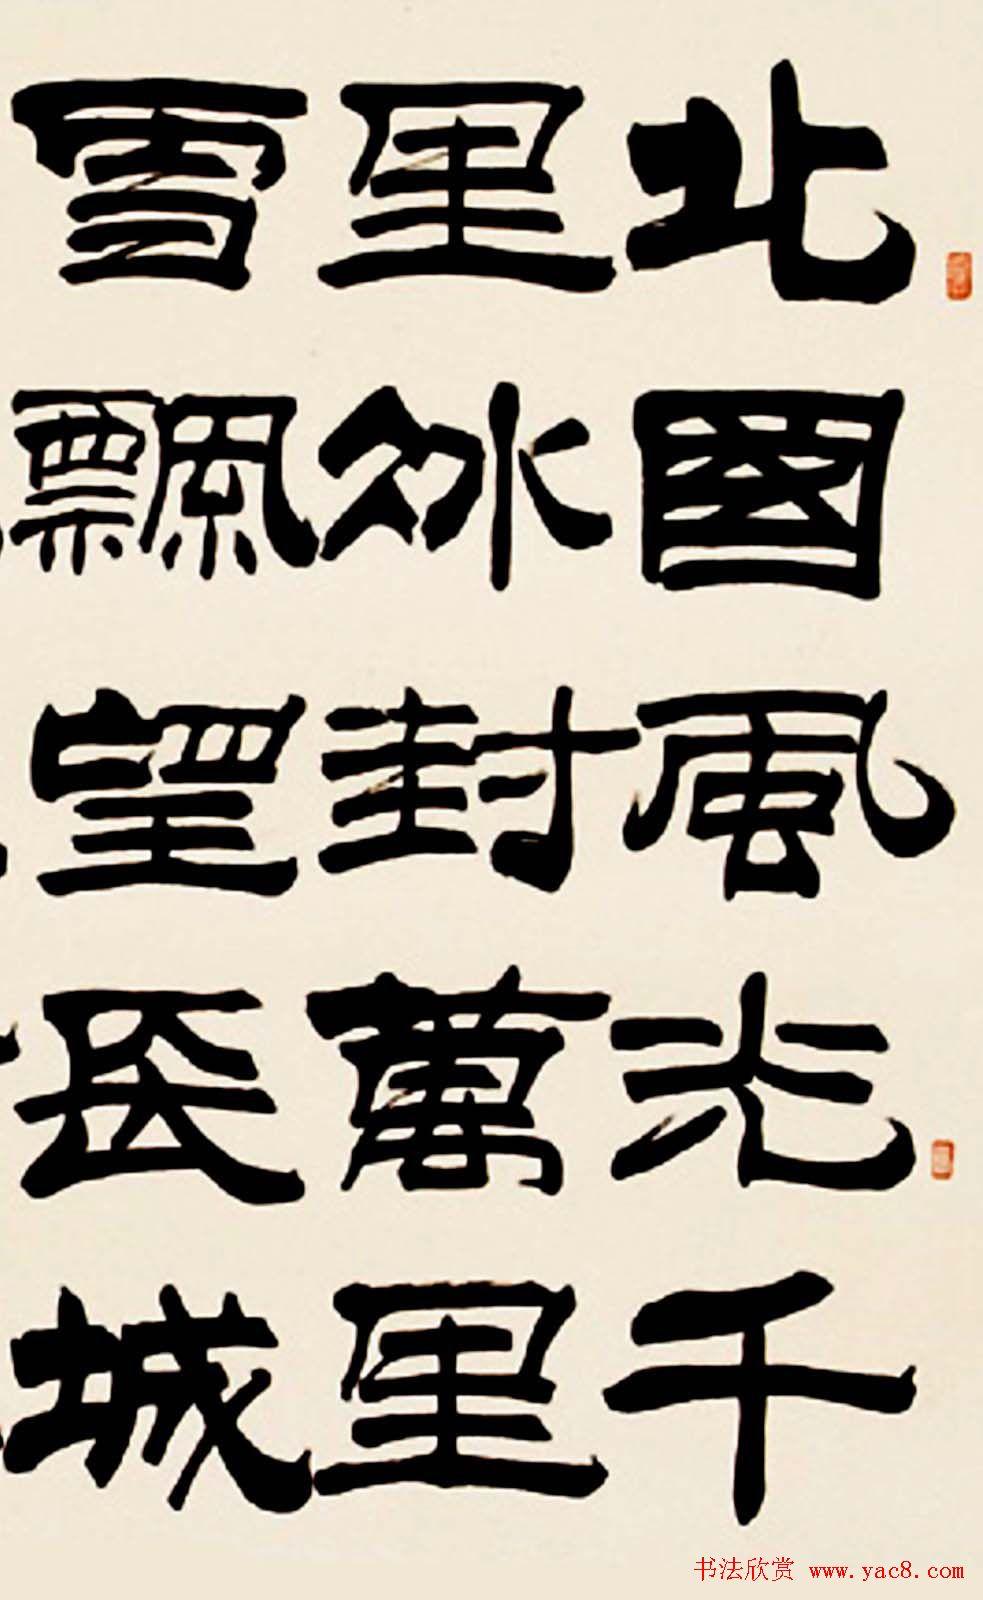 刘炳森隶书欣赏 沁园春雪 第2页 毛笔书法 书法欣赏